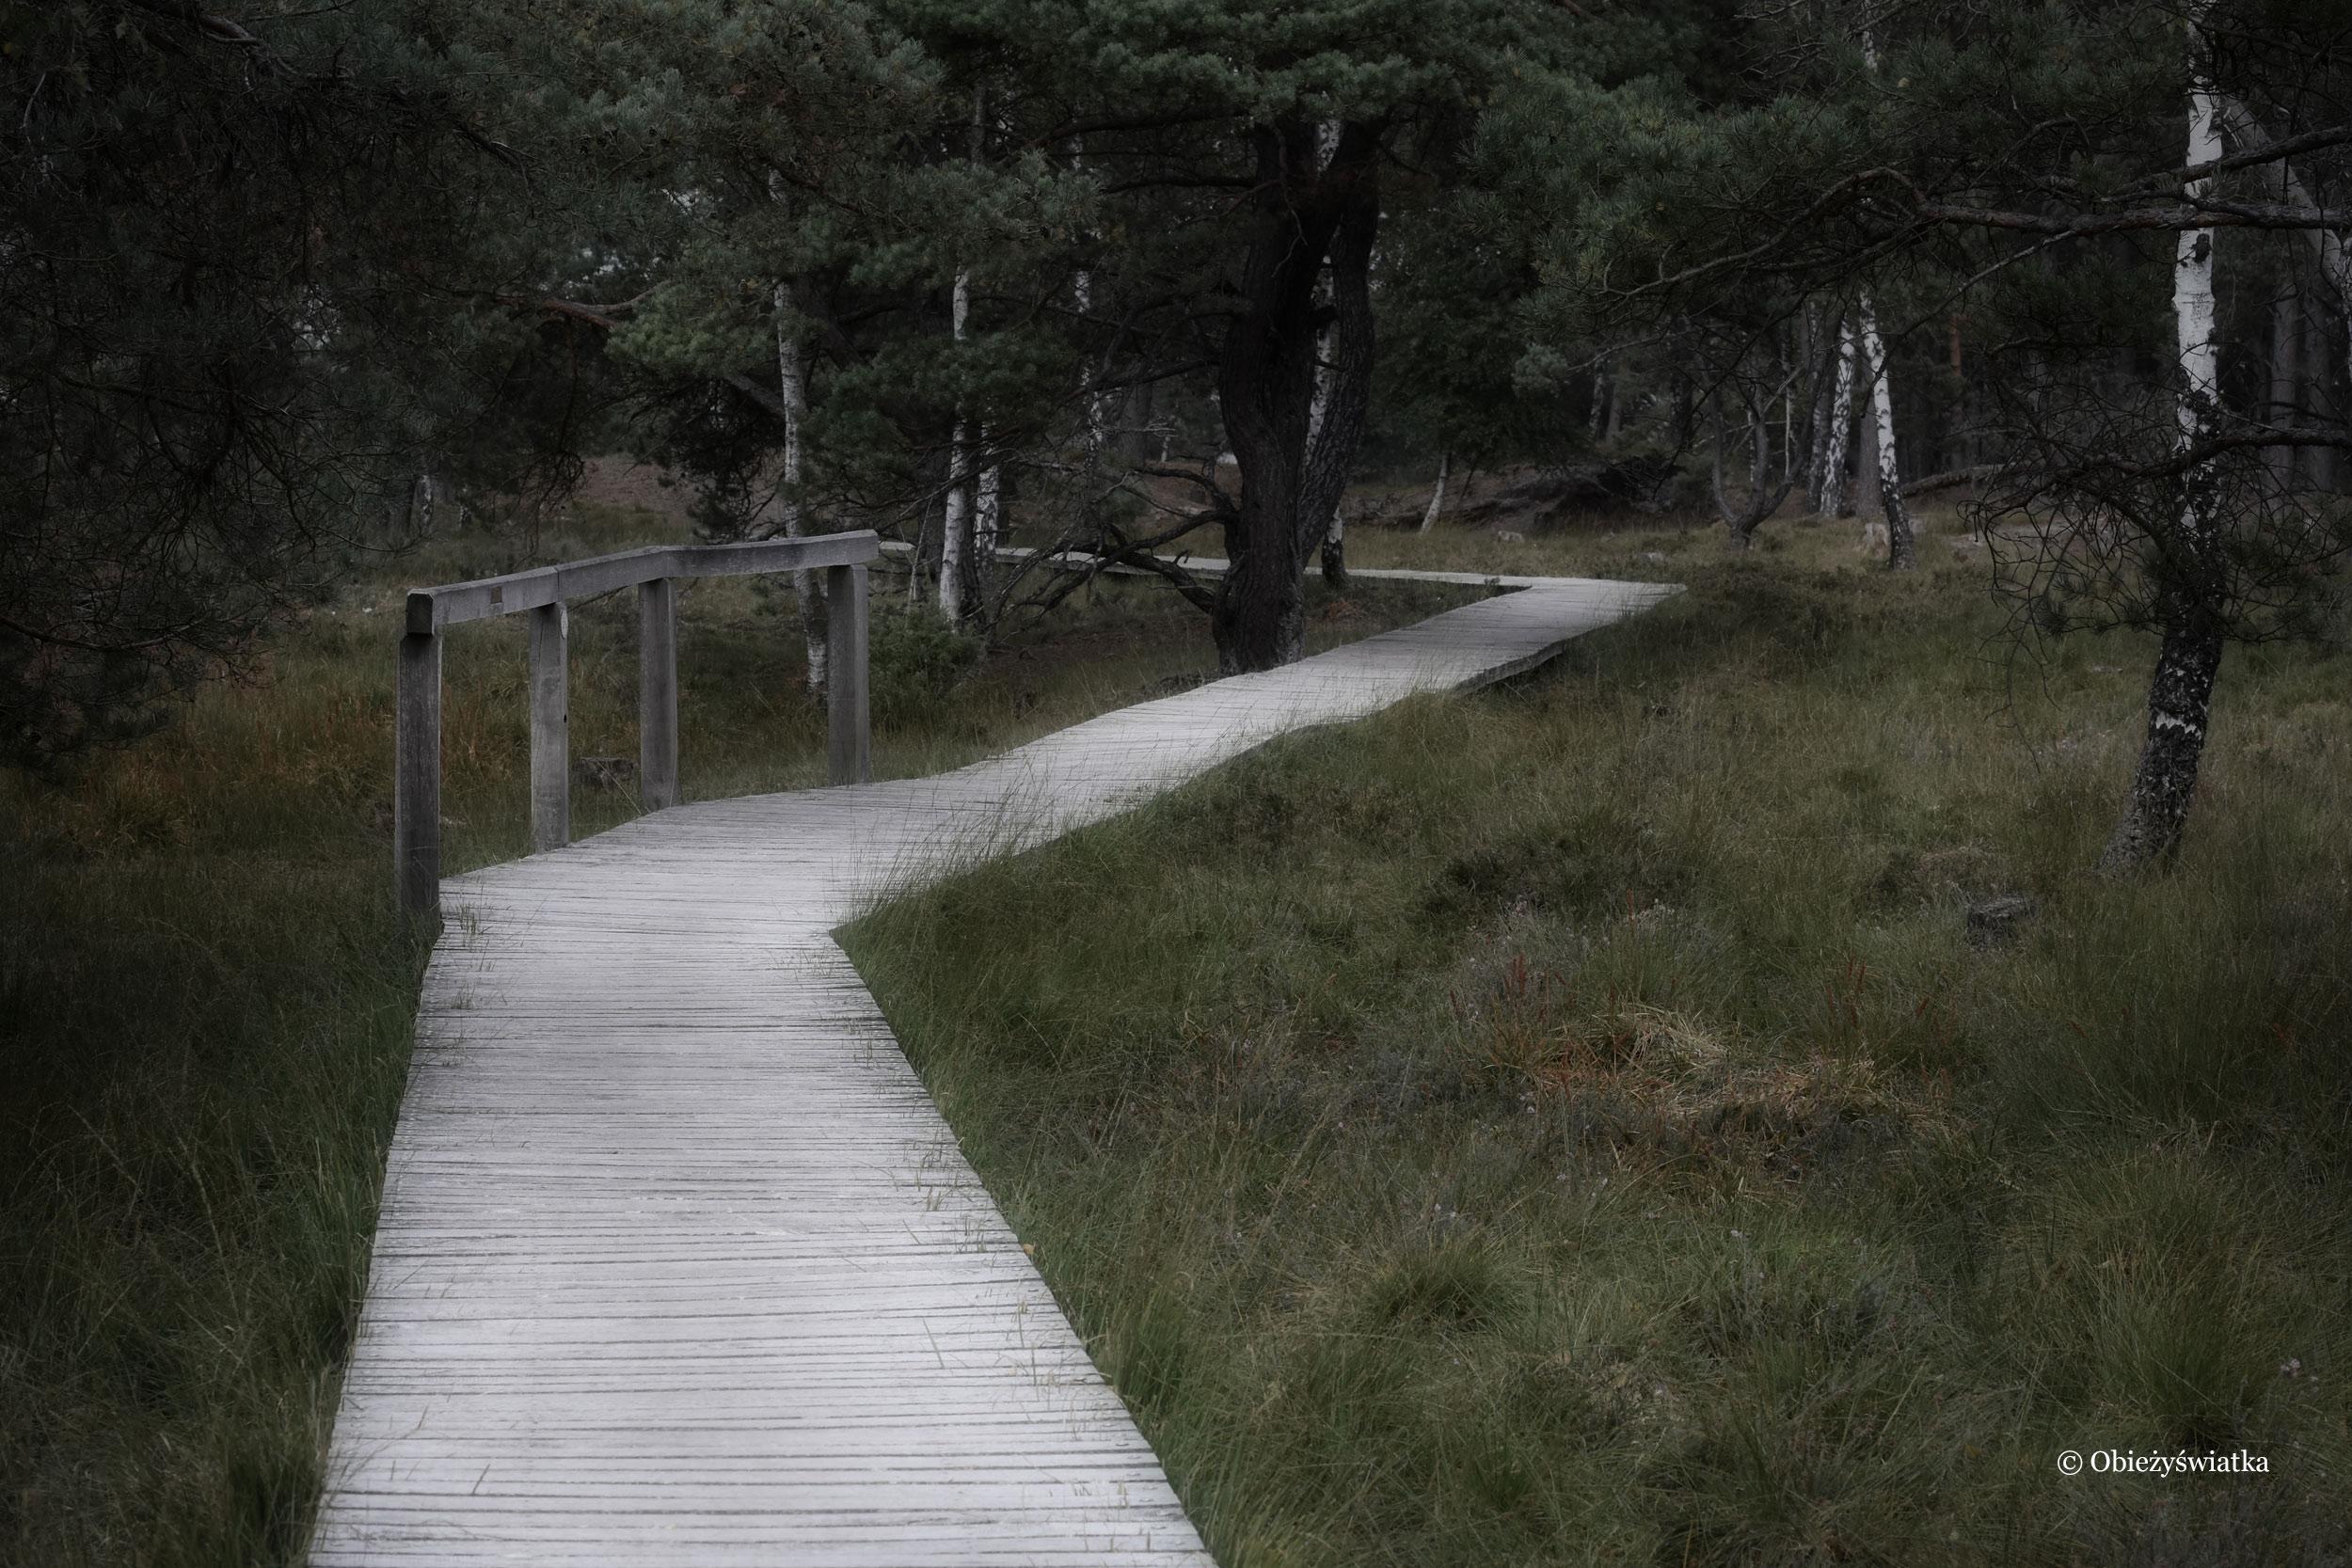 Dróżki przez wrzosowiska, Lüneburger Heide, Niemcy